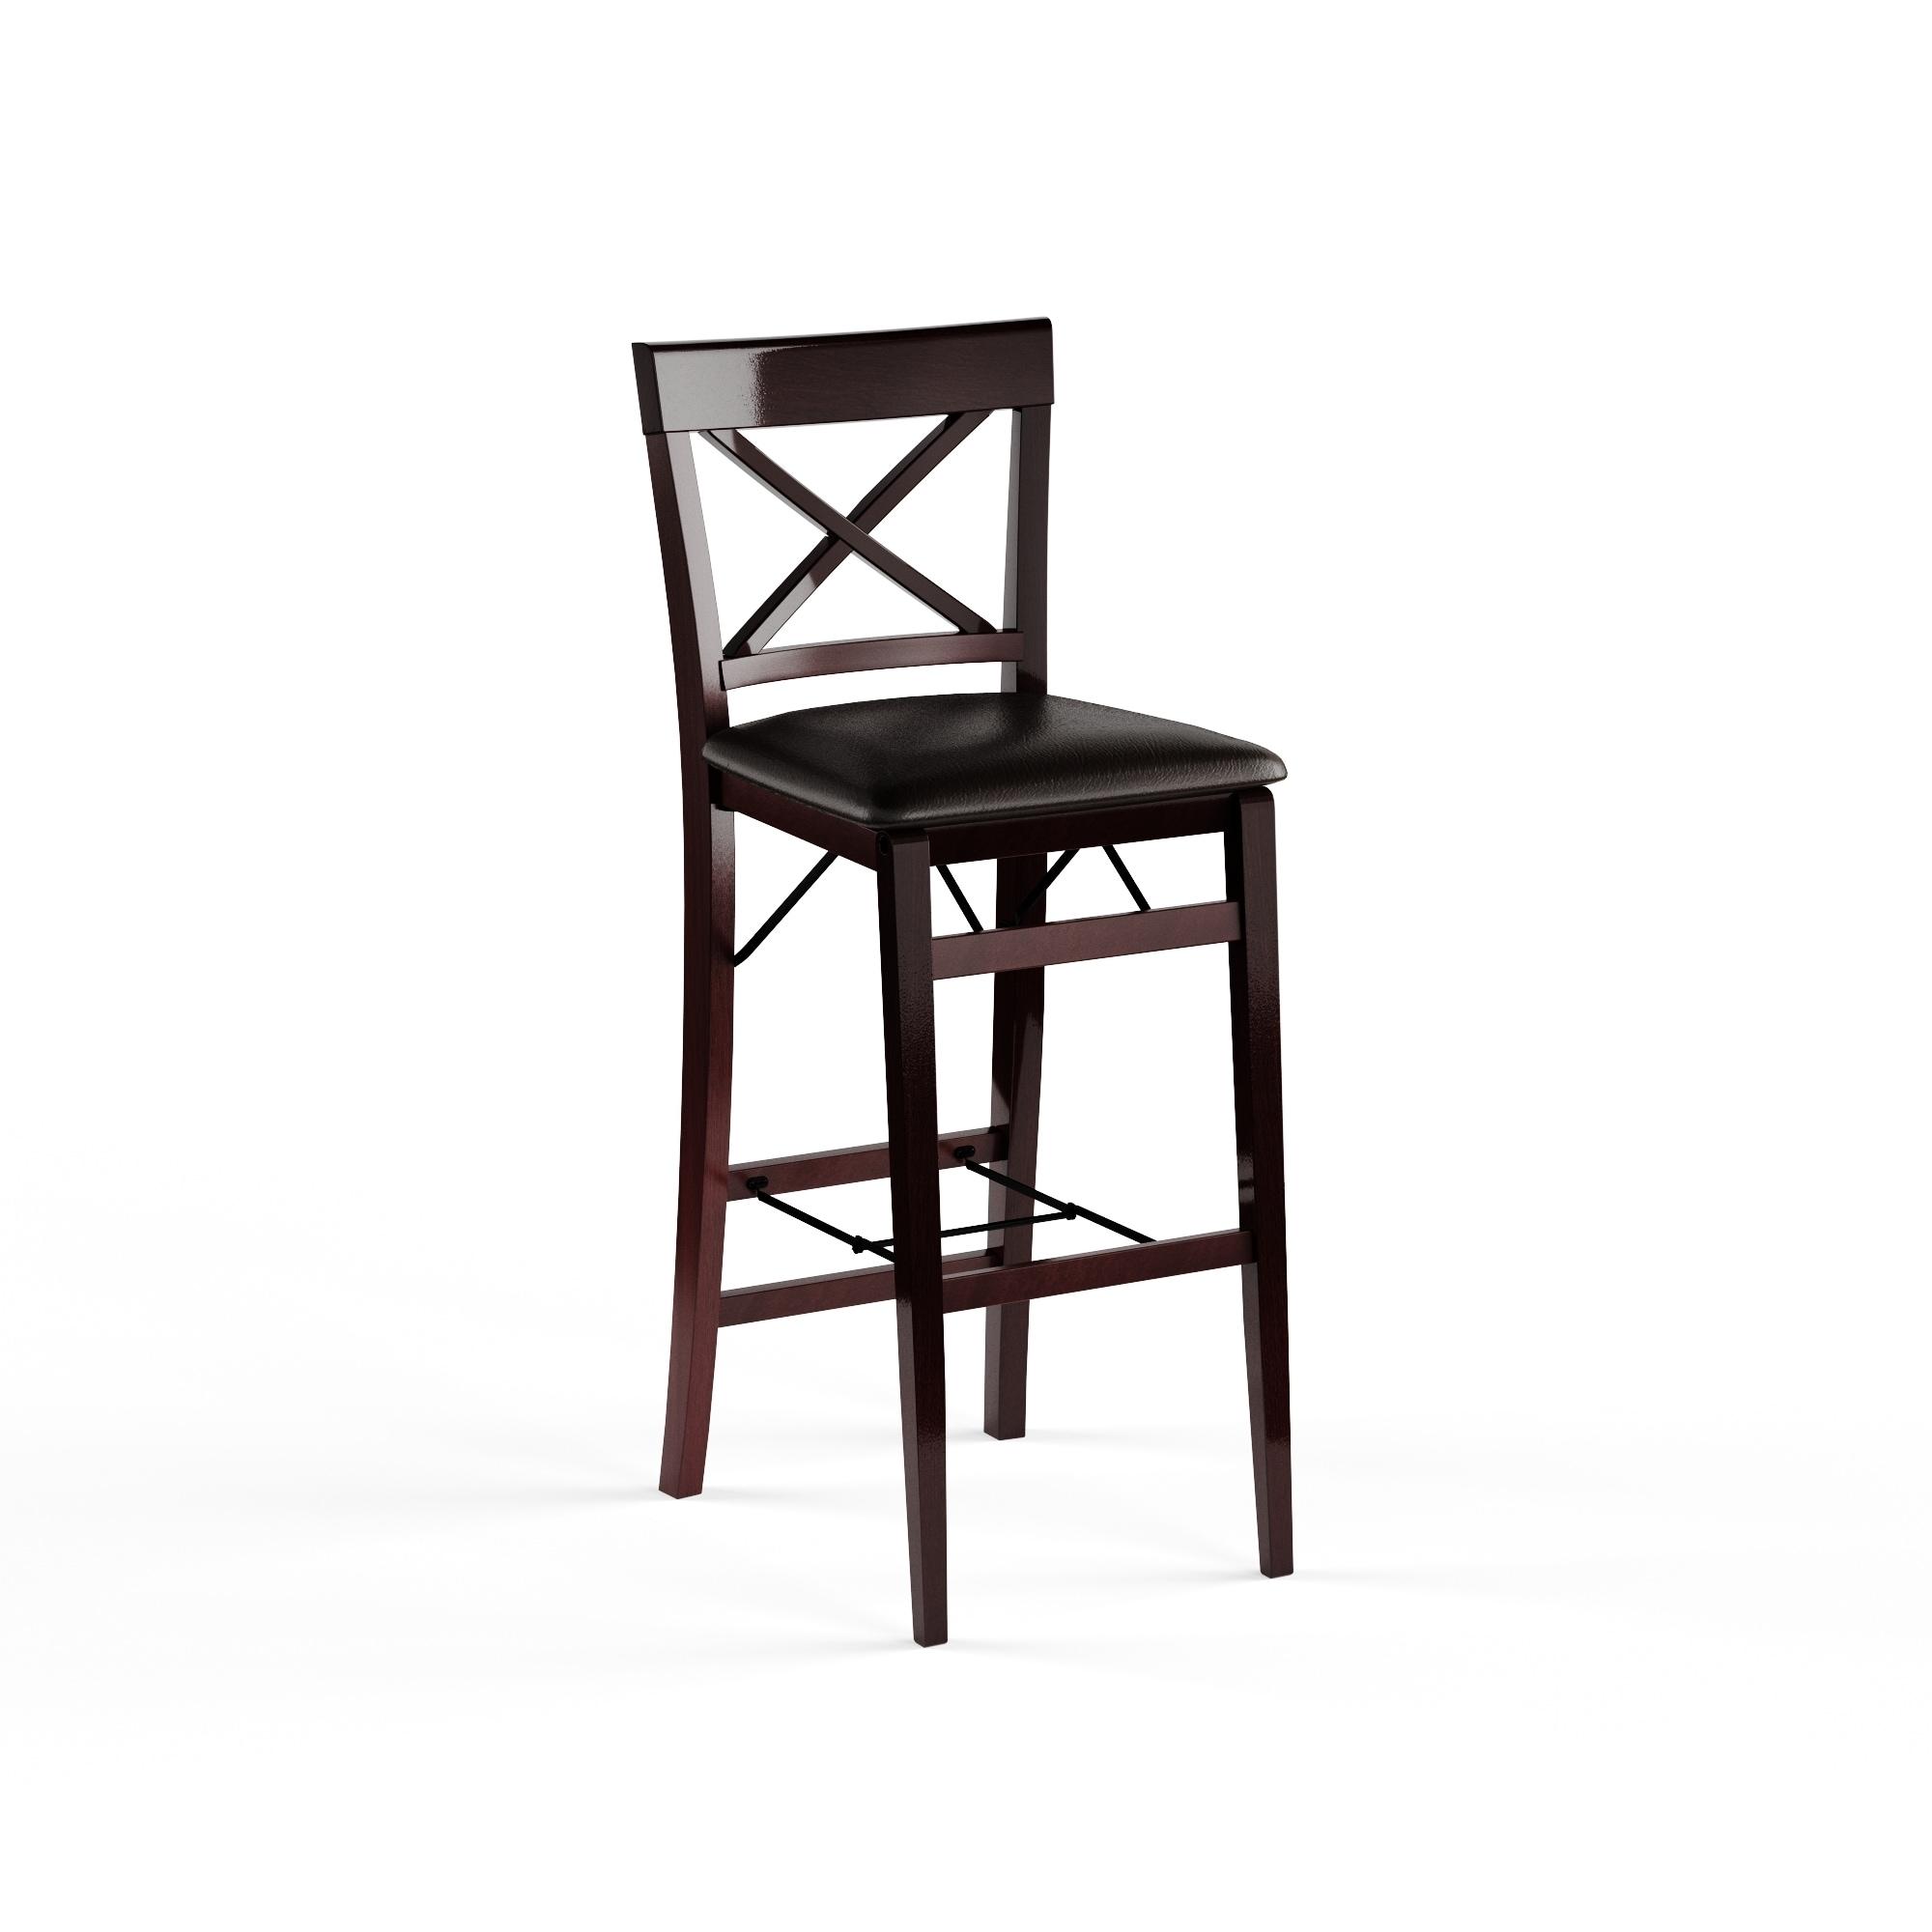 Marvelous Porch Den Aldersey Back Folding Bar Stool Ncnpc Chair Design For Home Ncnpcorg